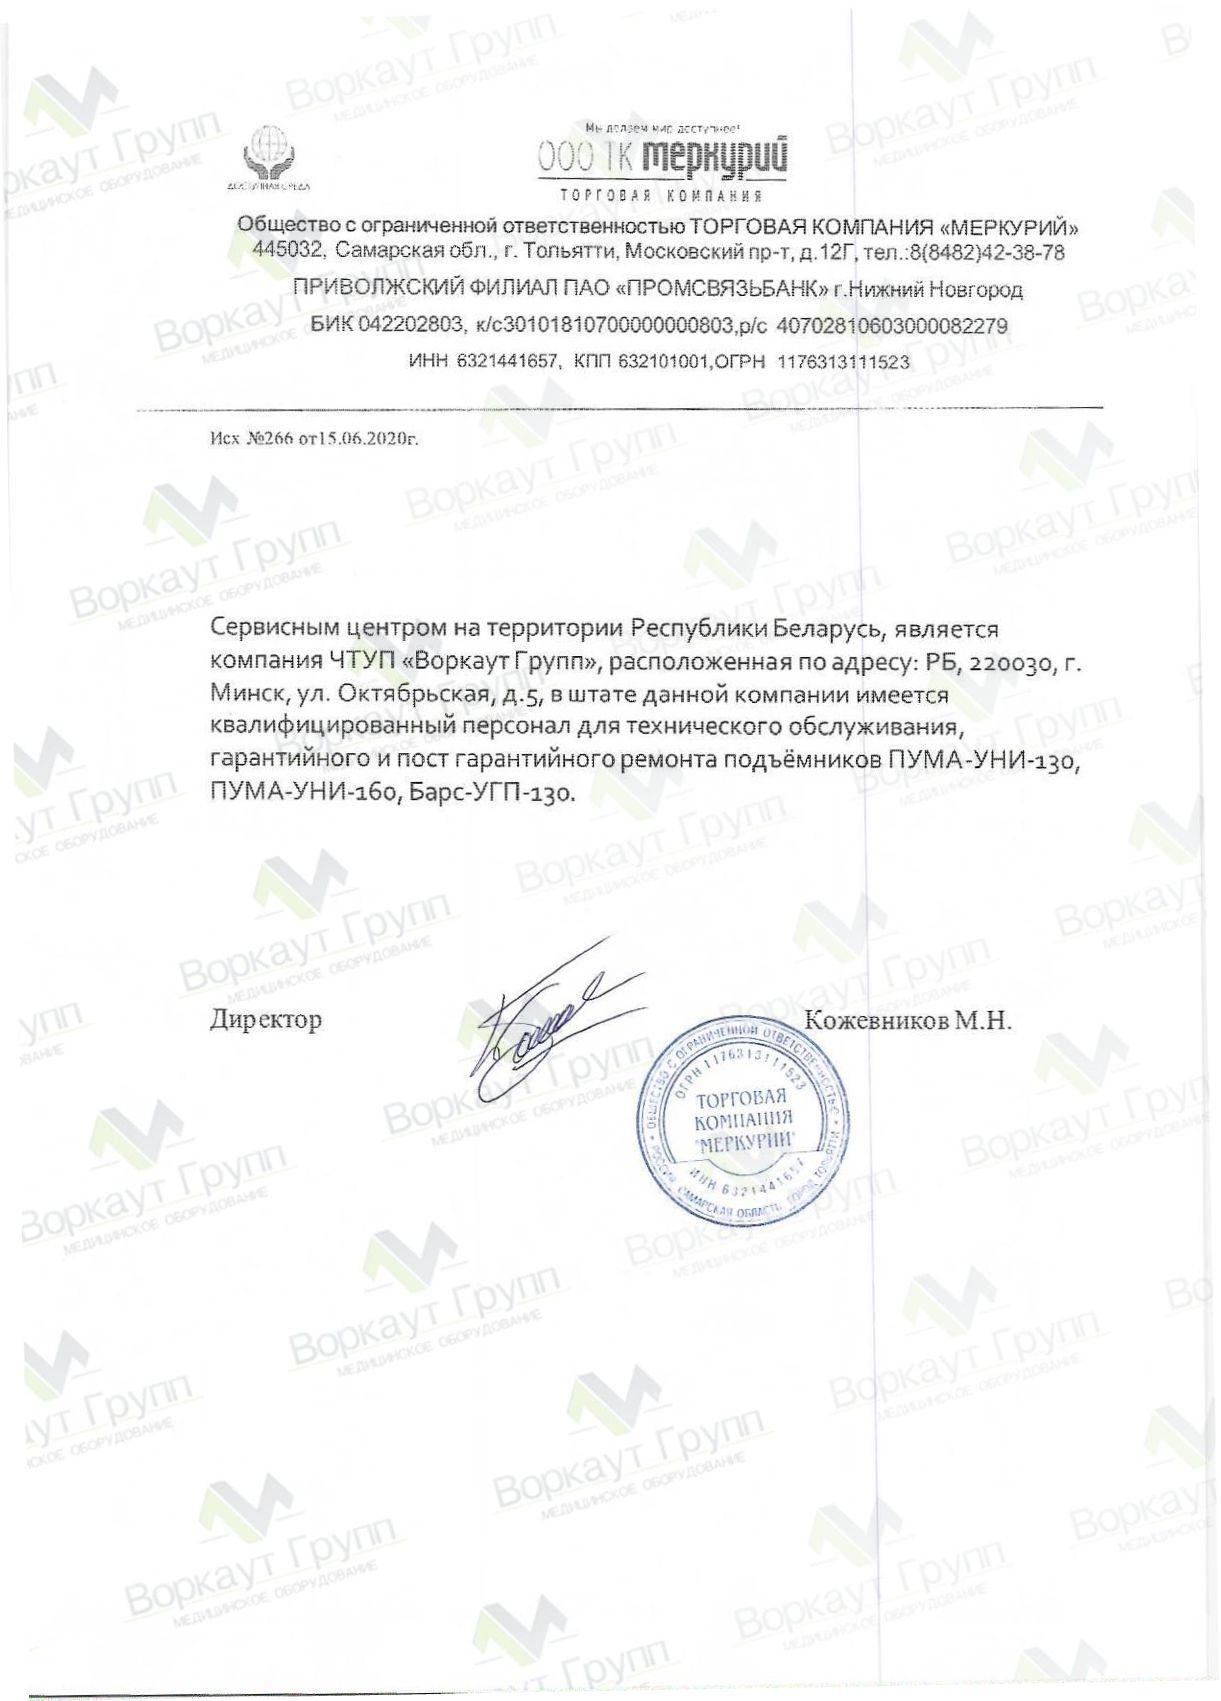 """ТК """"Меркурий"""" официальное разрешение для Воркаут Групп"""